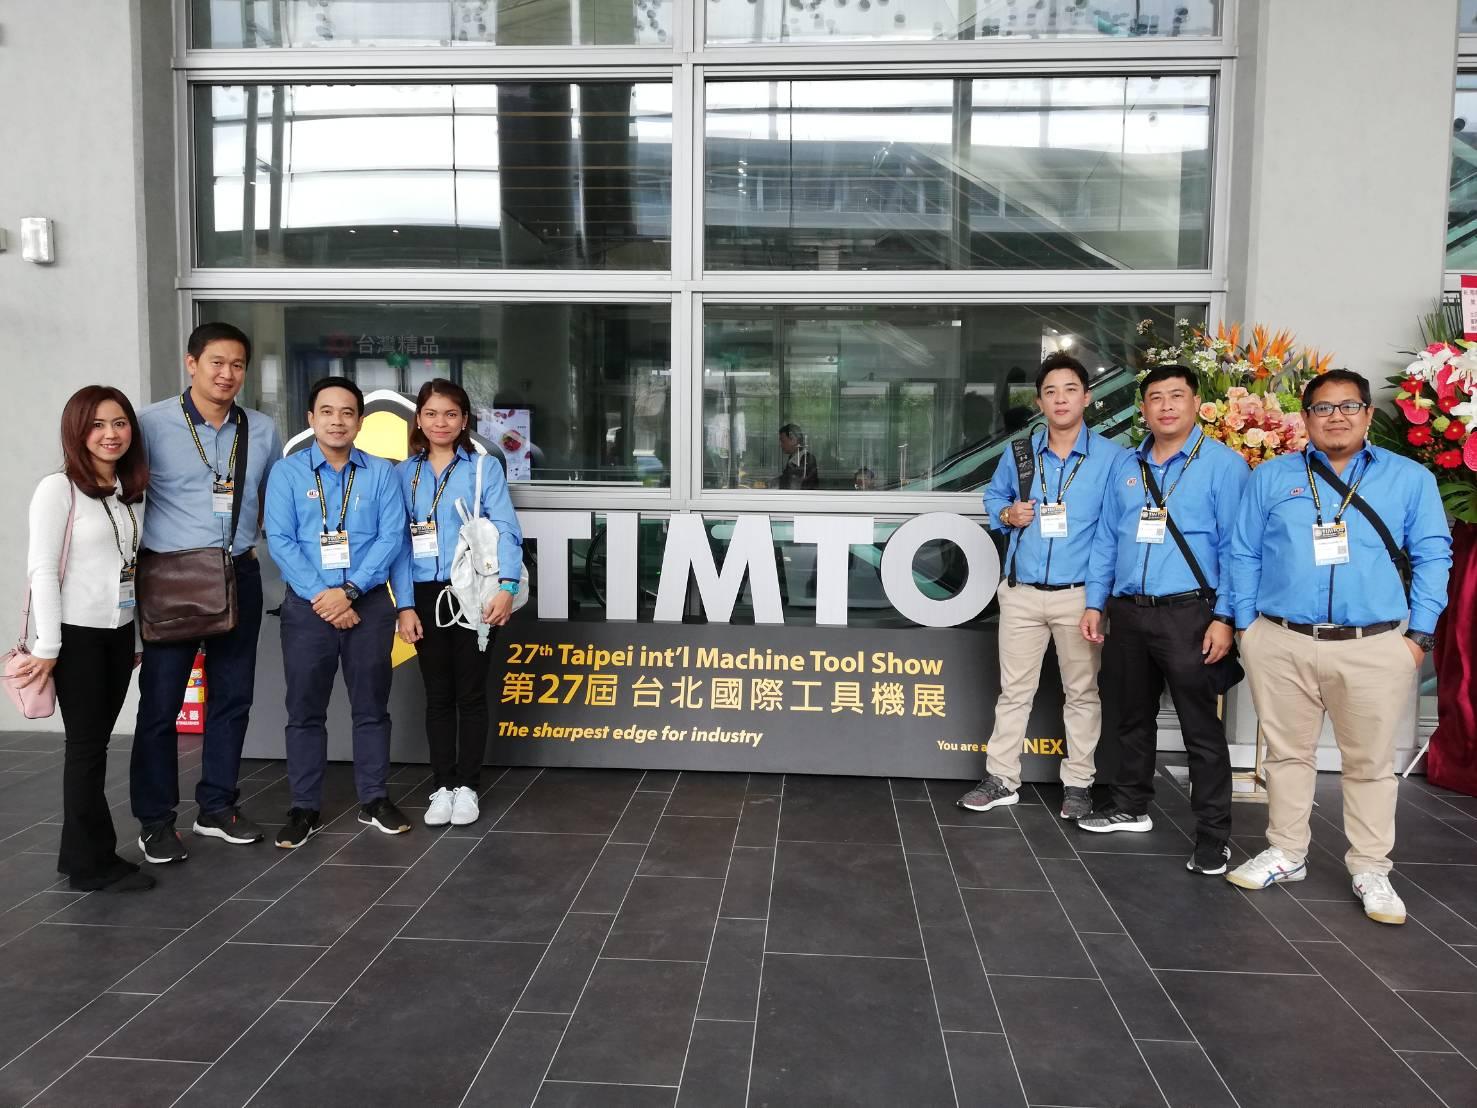 ทีมงาน IIT Group ตะลุยงาน TIMTOS ณ.ประเทศไต้หวัน ร่วมออกงานกับบูท PROMPT ผู้ผลิตเครื่องจักรรายใหญ่อันดับต้นๆของไต้หวัน